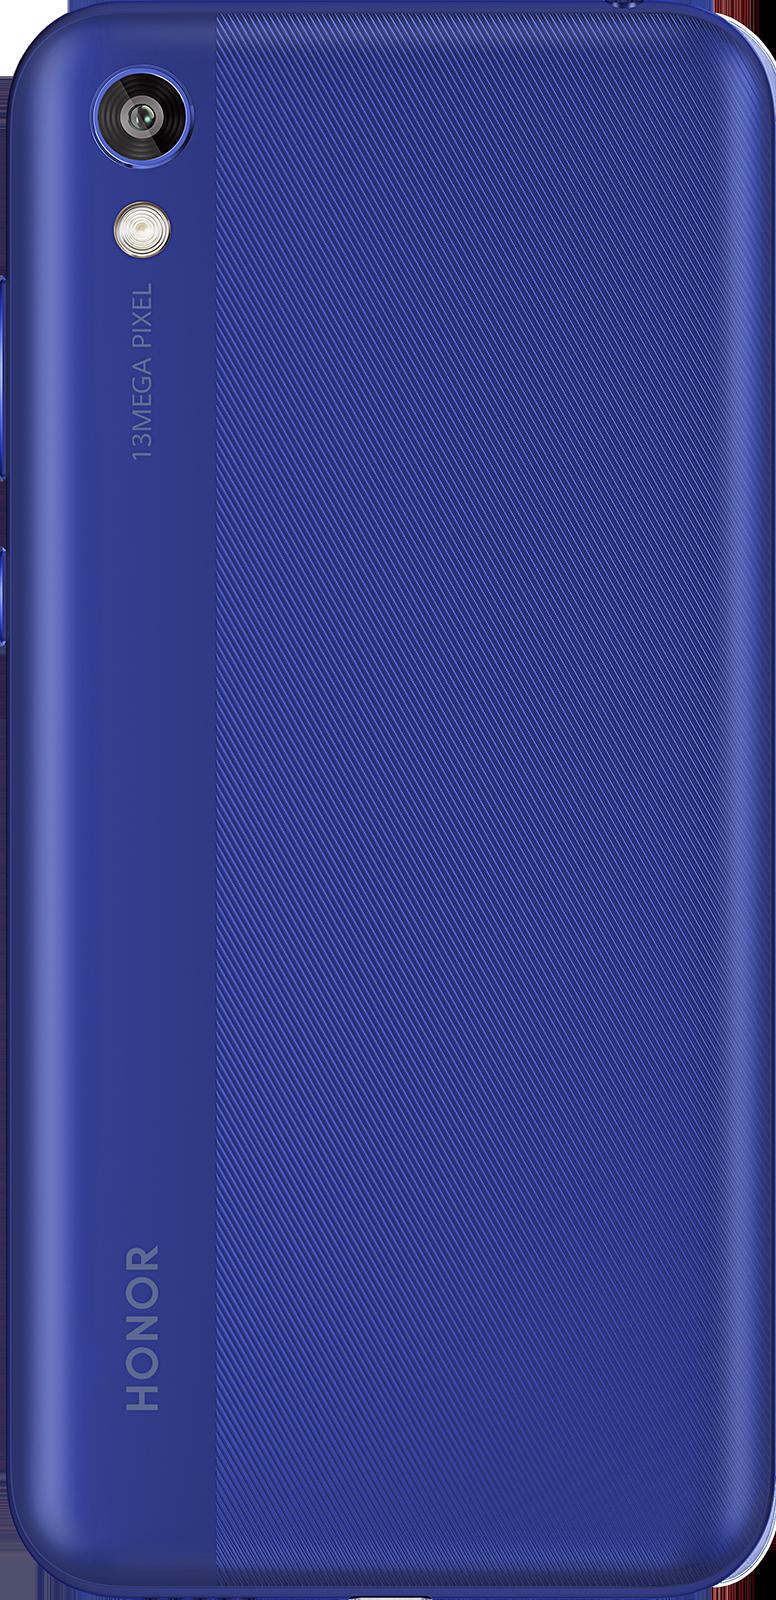 modrá online datování seznamka pro začátečníky